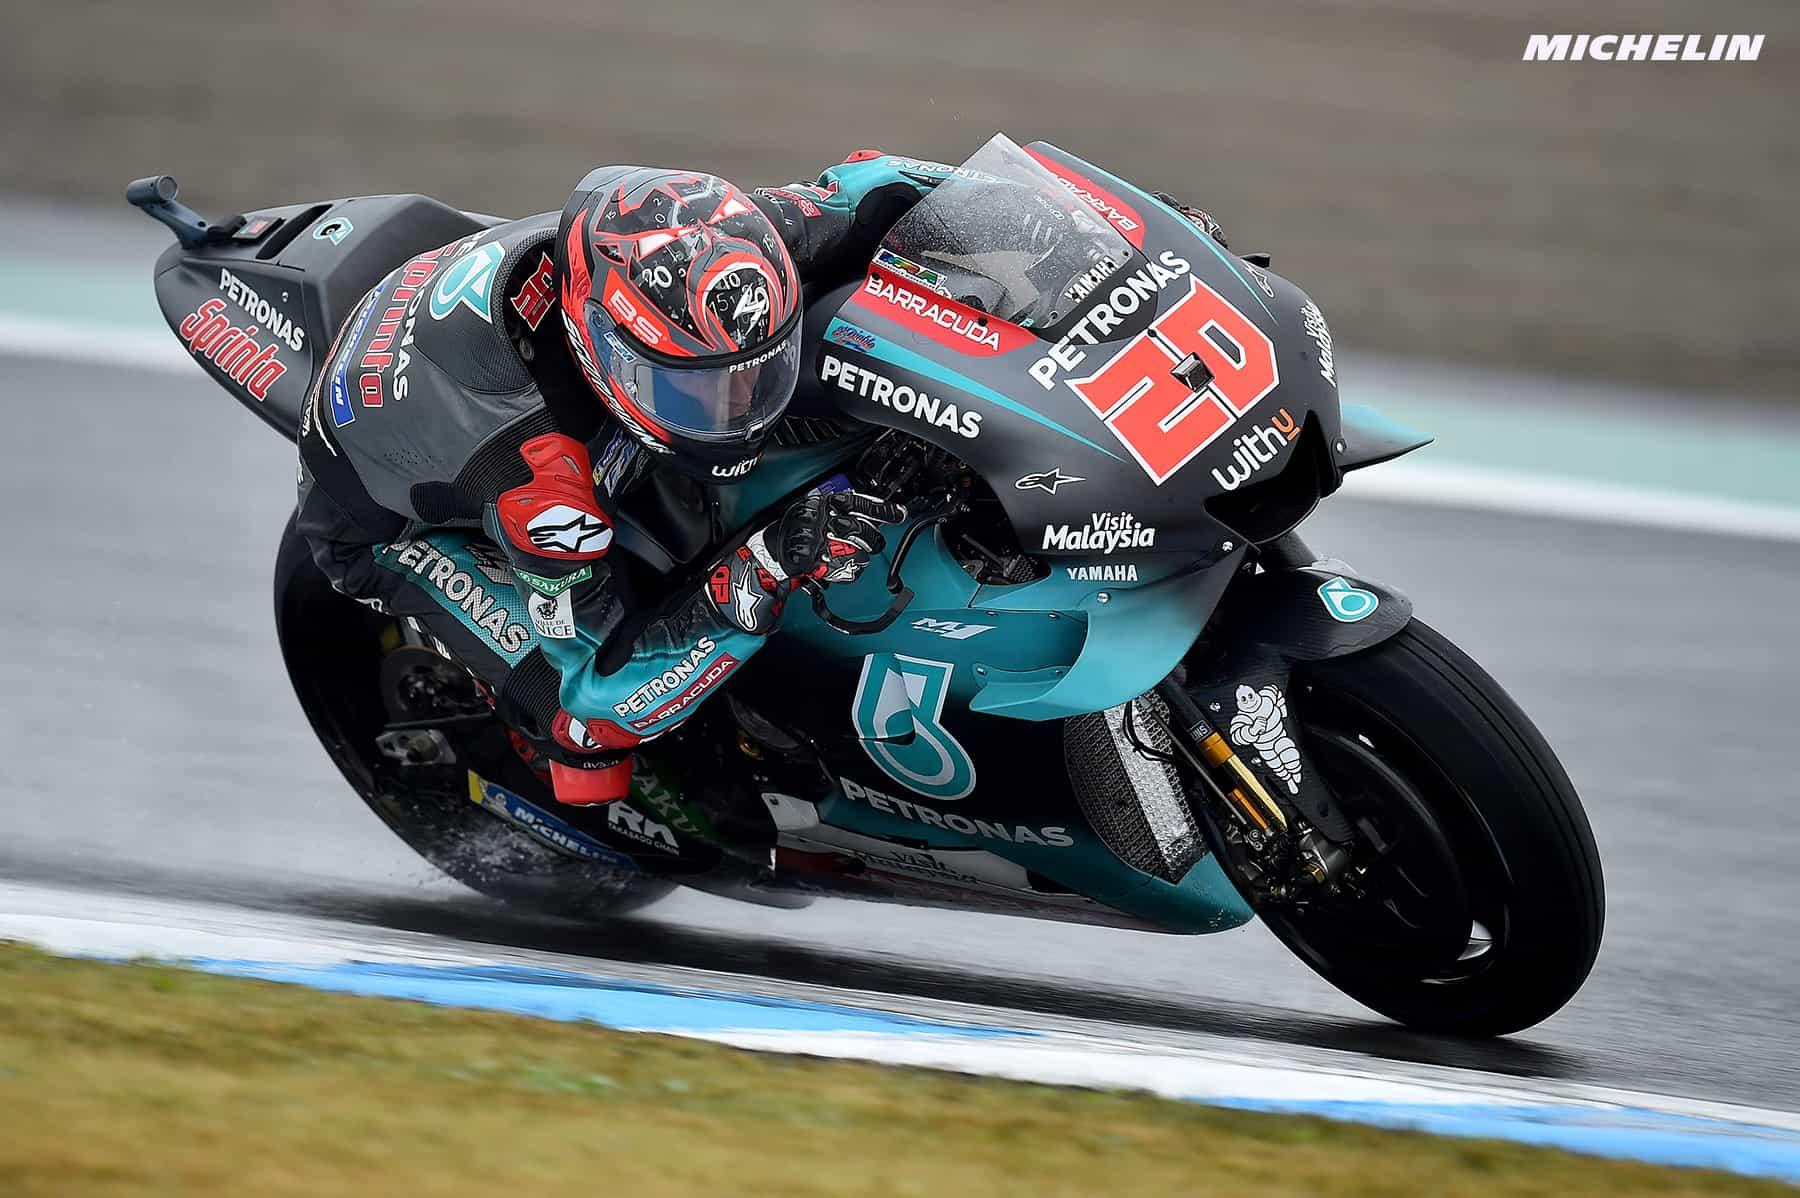 MotoGP2019日本GP 予選3位クアルタラロ「1列目獲得は予想外だった」